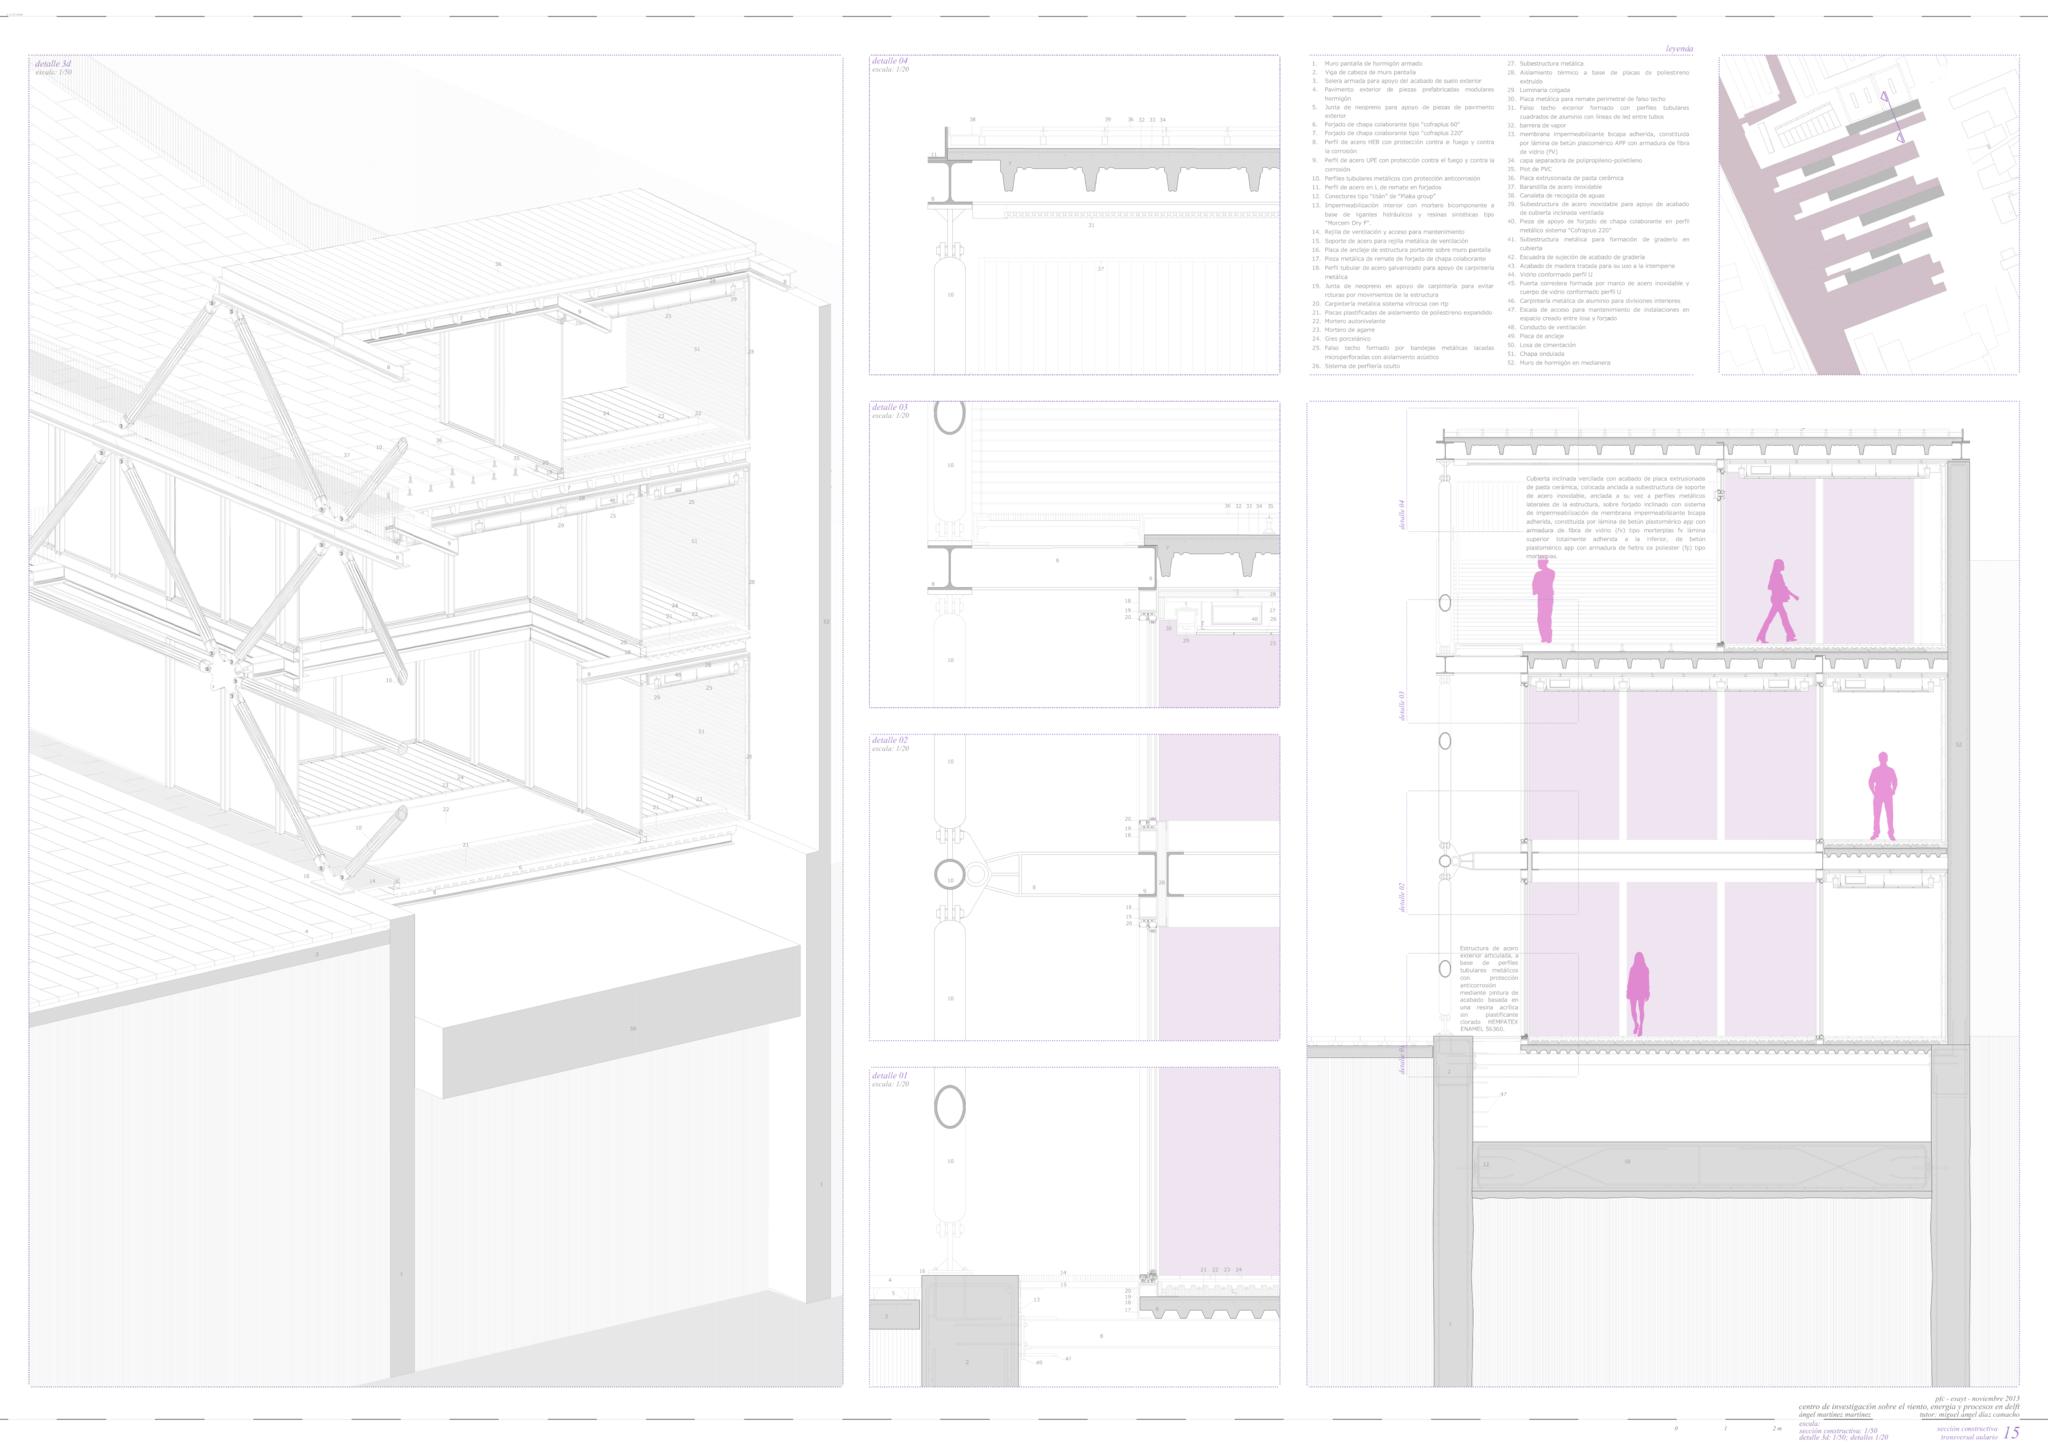 15_Seccion constructiva transversal y detalle 3d